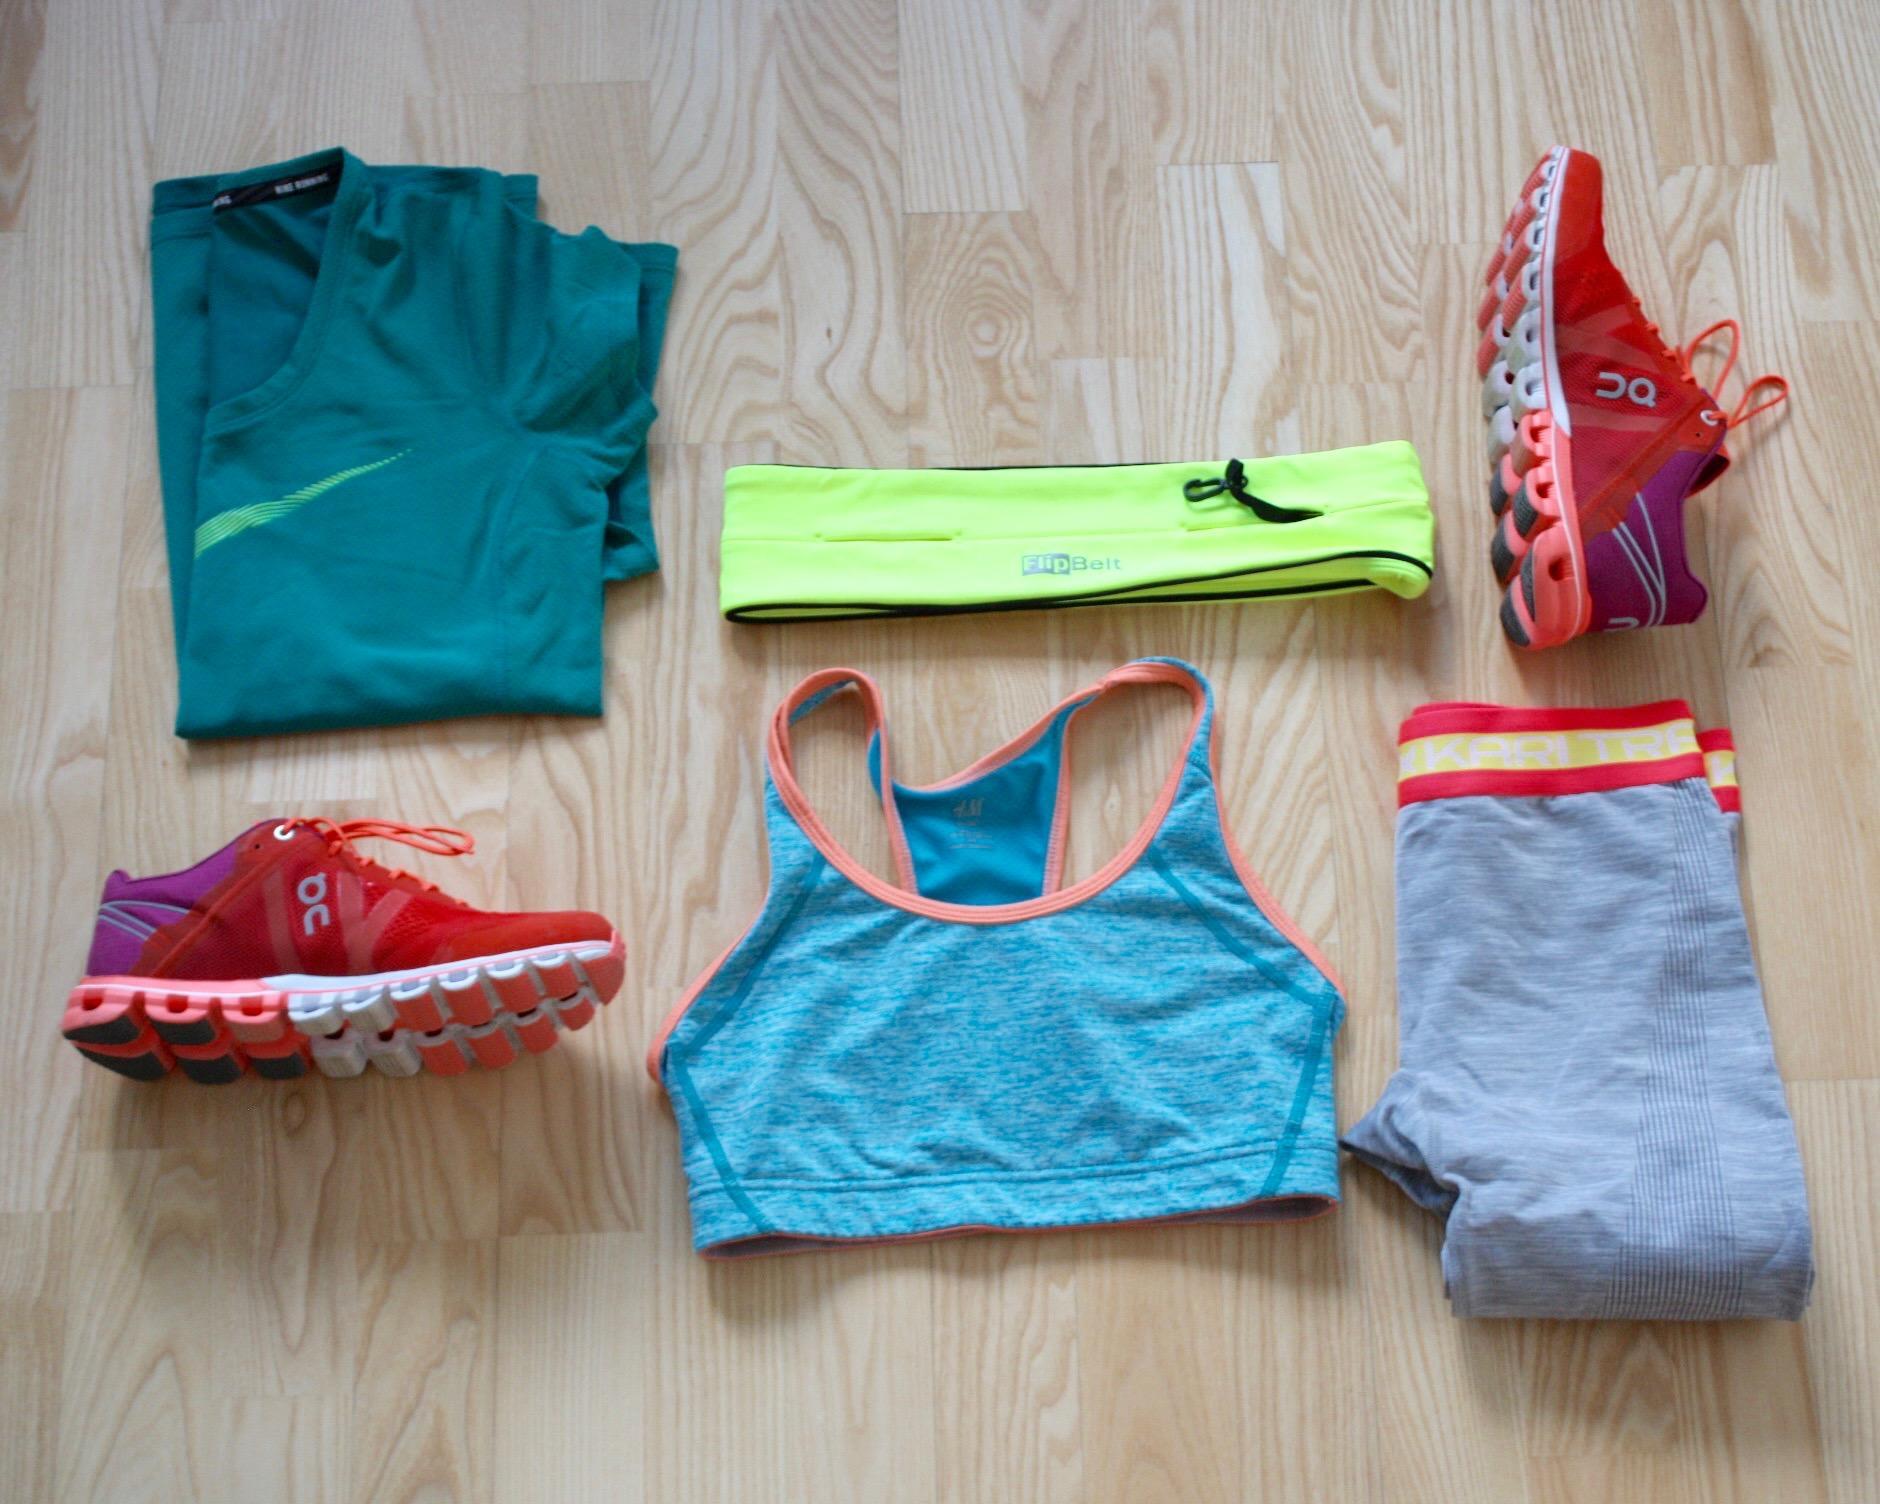 71 päivää ensimmäiseen maratoniin! Saa neuvoa.